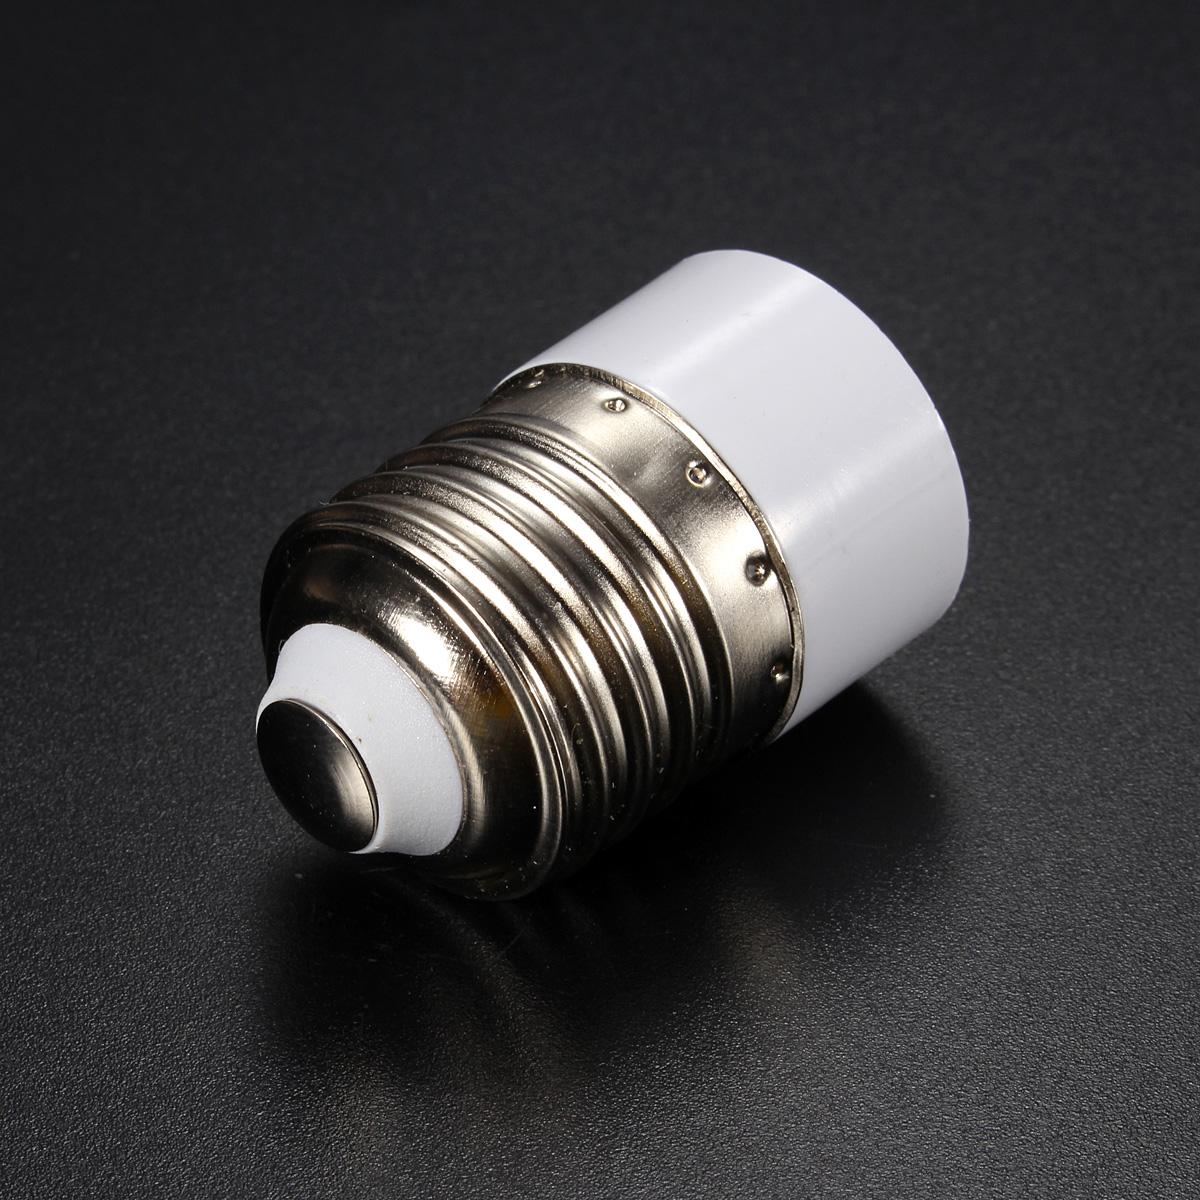 E27 Vers MR16 LED Lampe Ampoule Douille CULOT Lumière Adaptateur